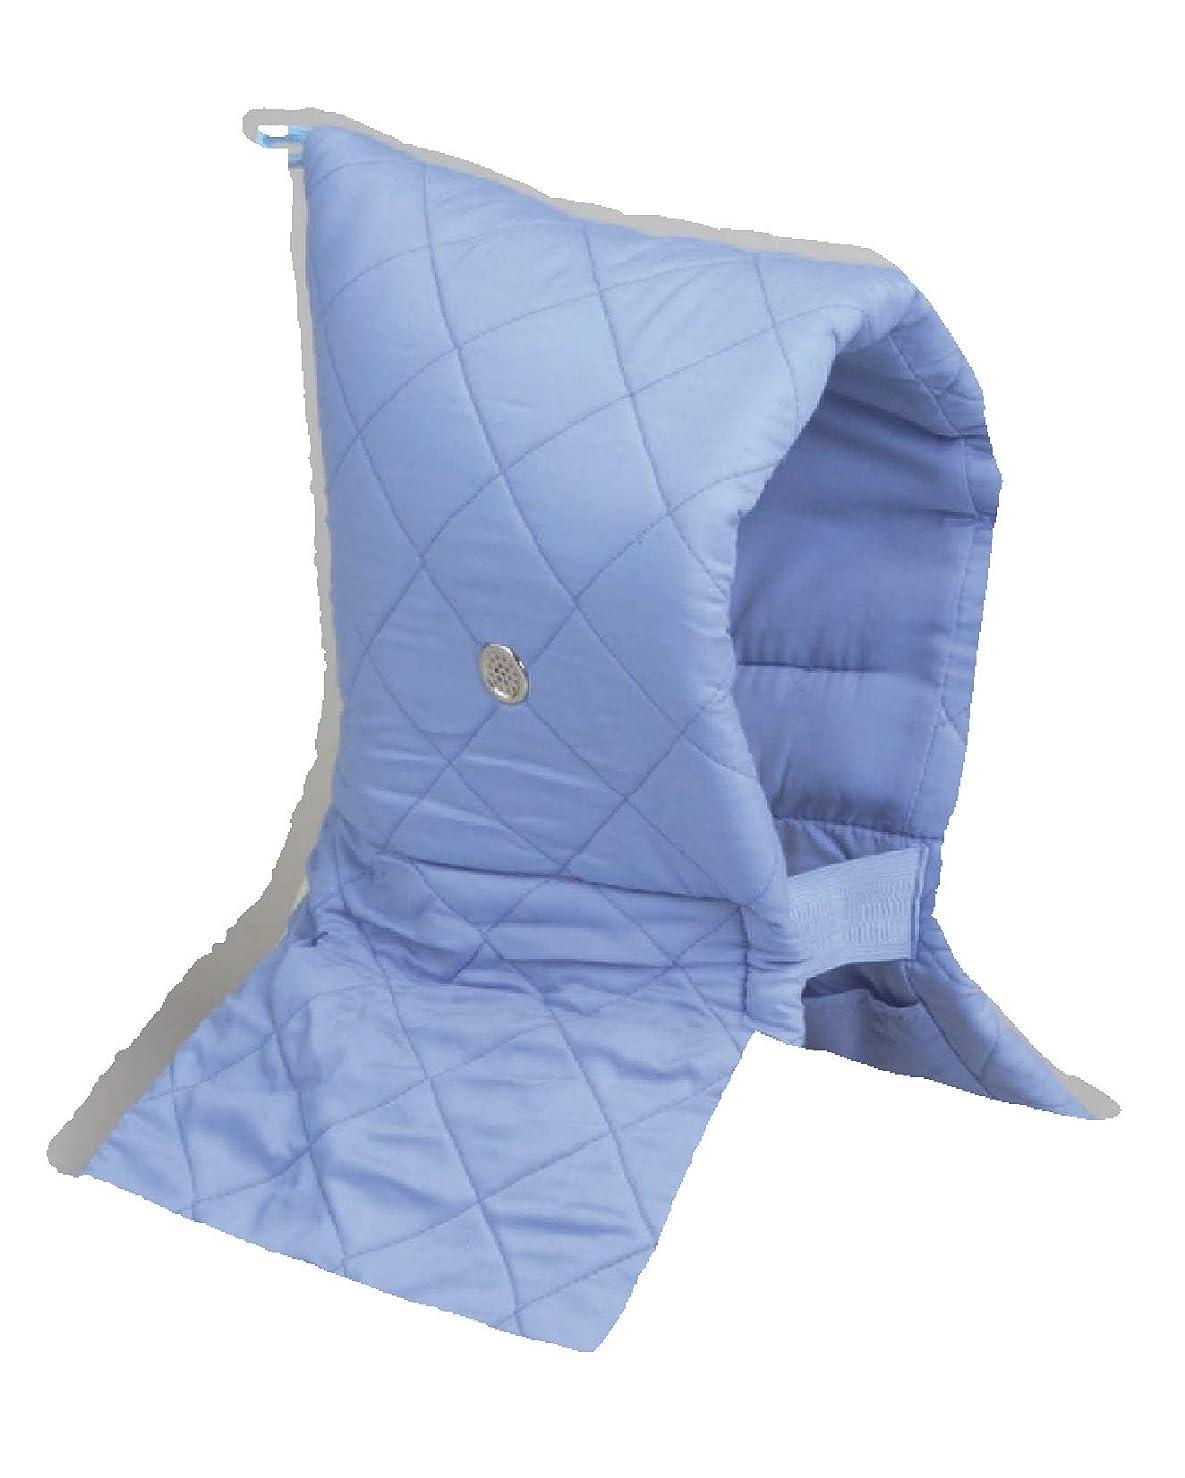 圧縮する評価するお金ゴム日本防炎協会認定品 防災頭巾 Kタイプブルー 小学校低学年以上 約46×26cm 90006